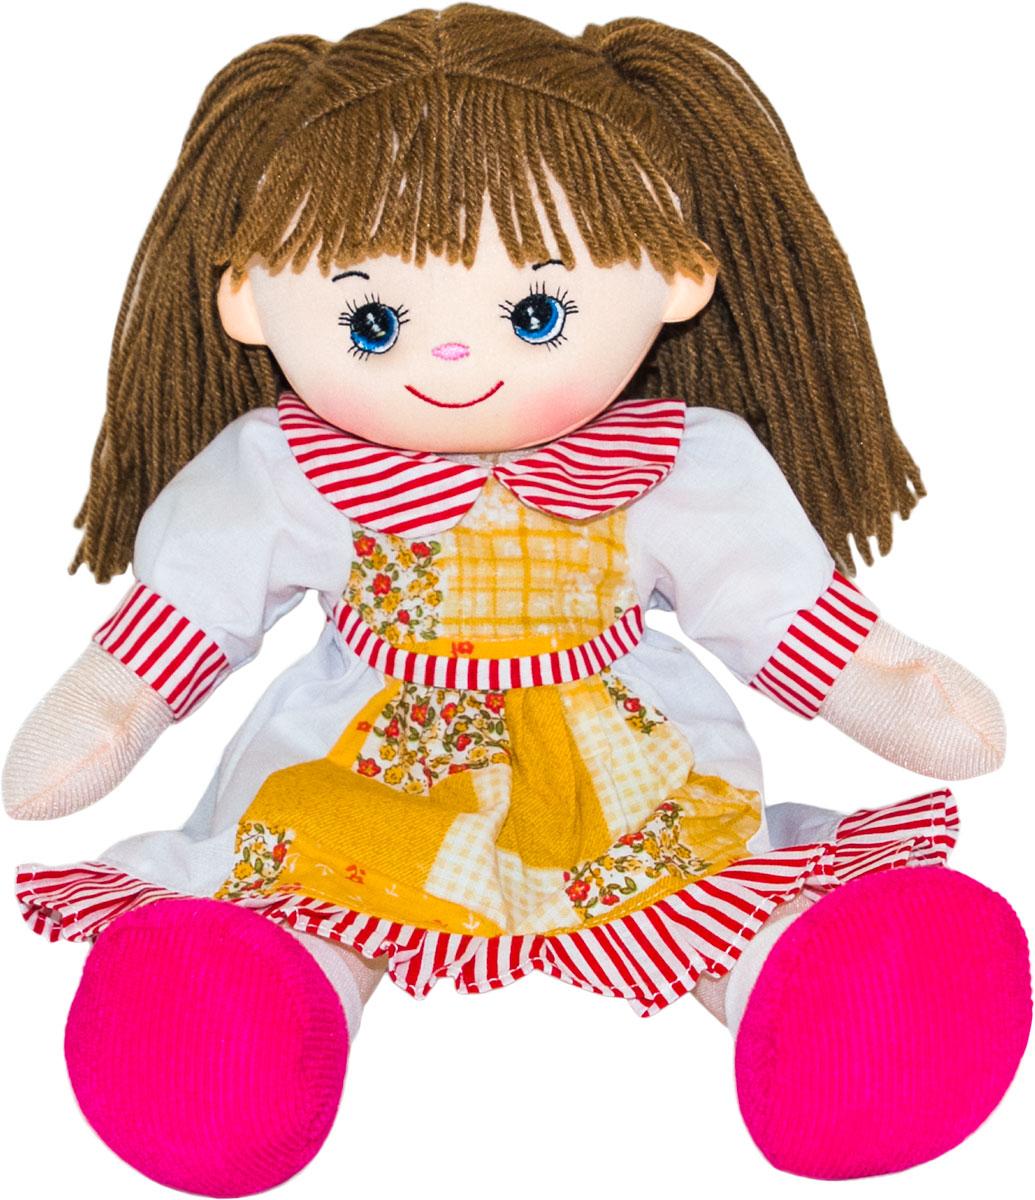 Gulliver Мягкая кукла Смородинка 30 см игрушка мягкая gulliver кукла хозяюшка 30см